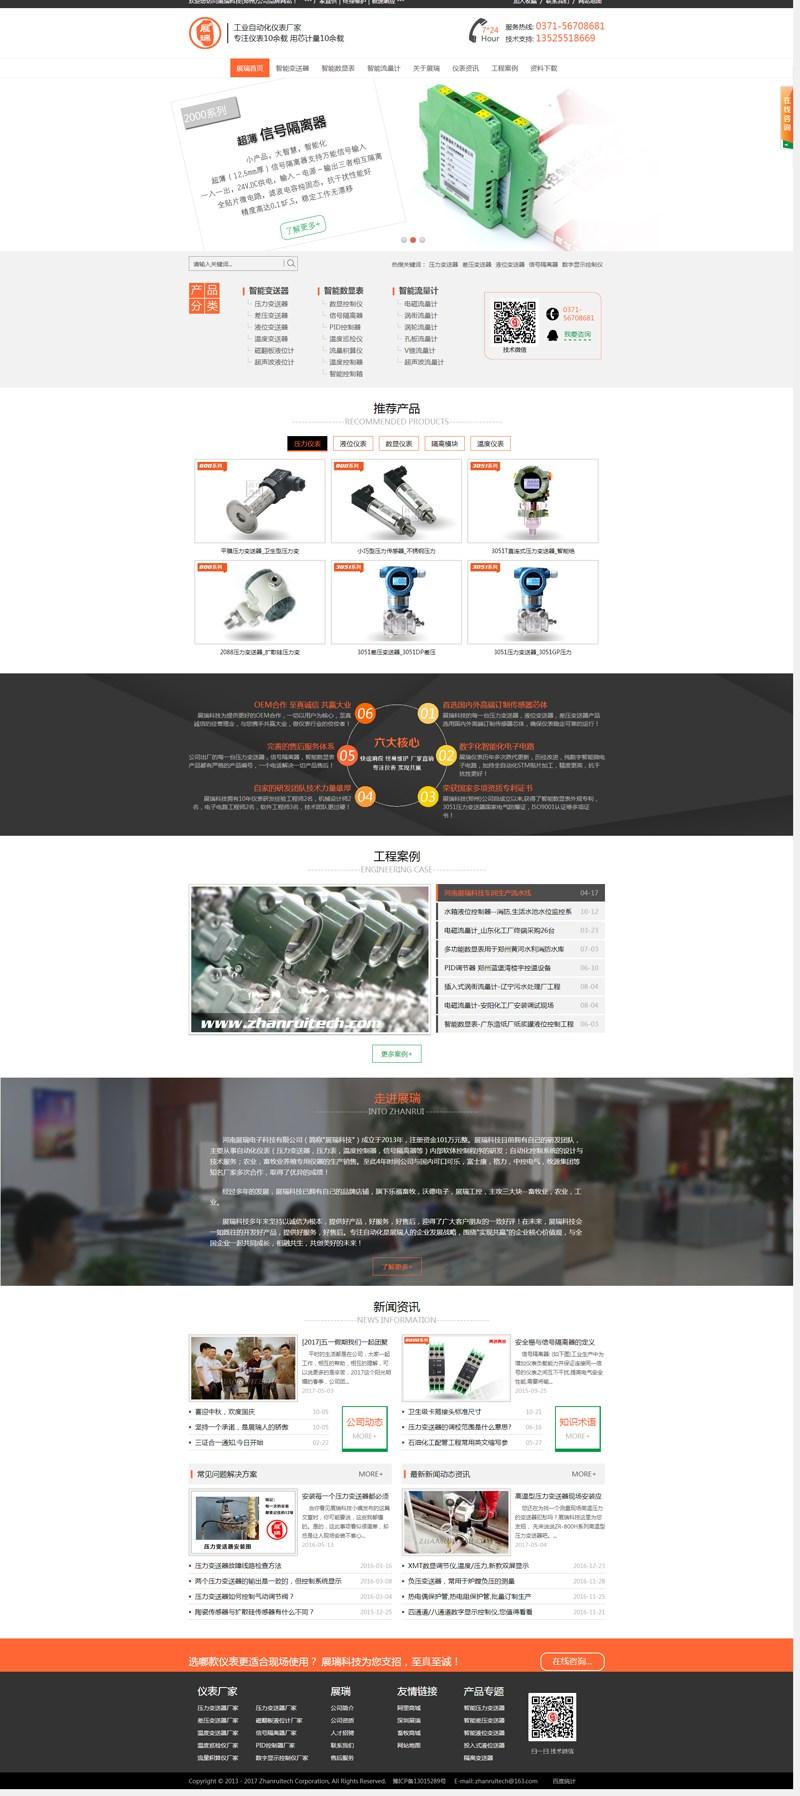 展瑞科技全新官网首页